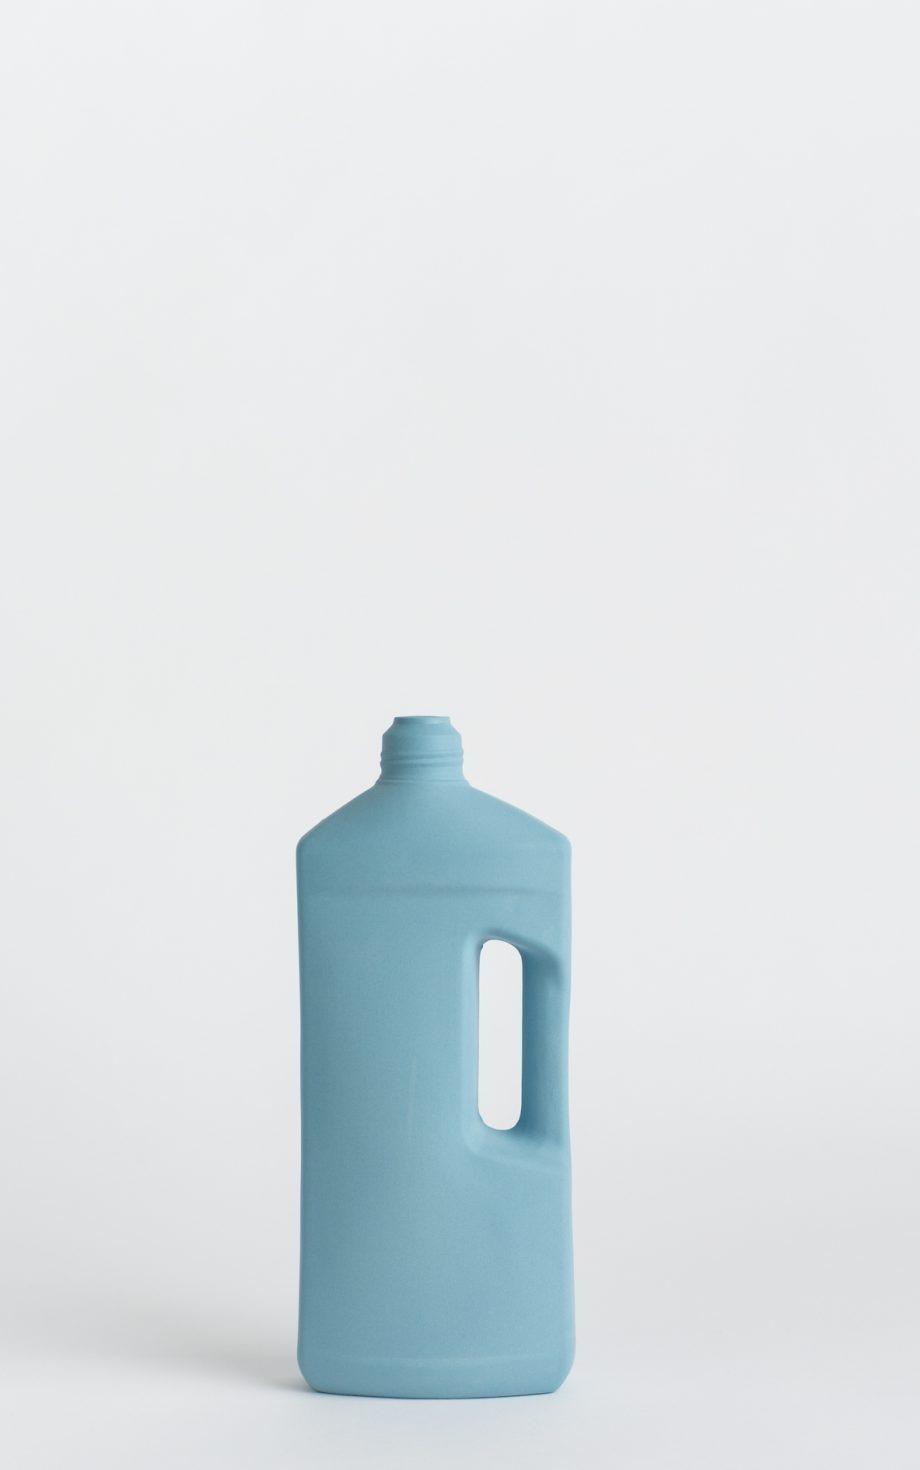 bottle vase #3 dark blue